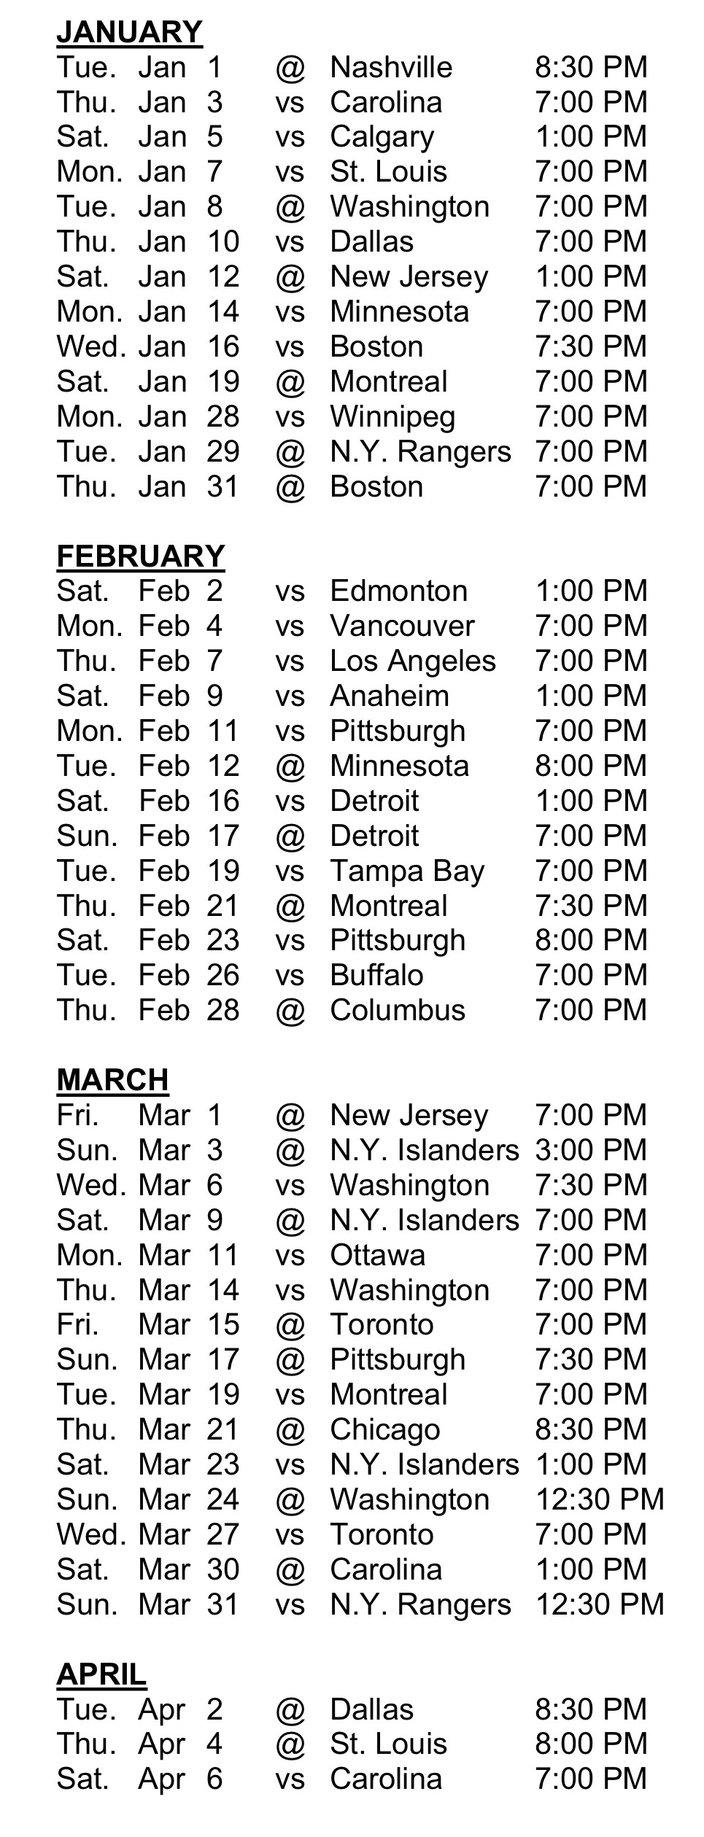 062118_Flyers-Schedule-2